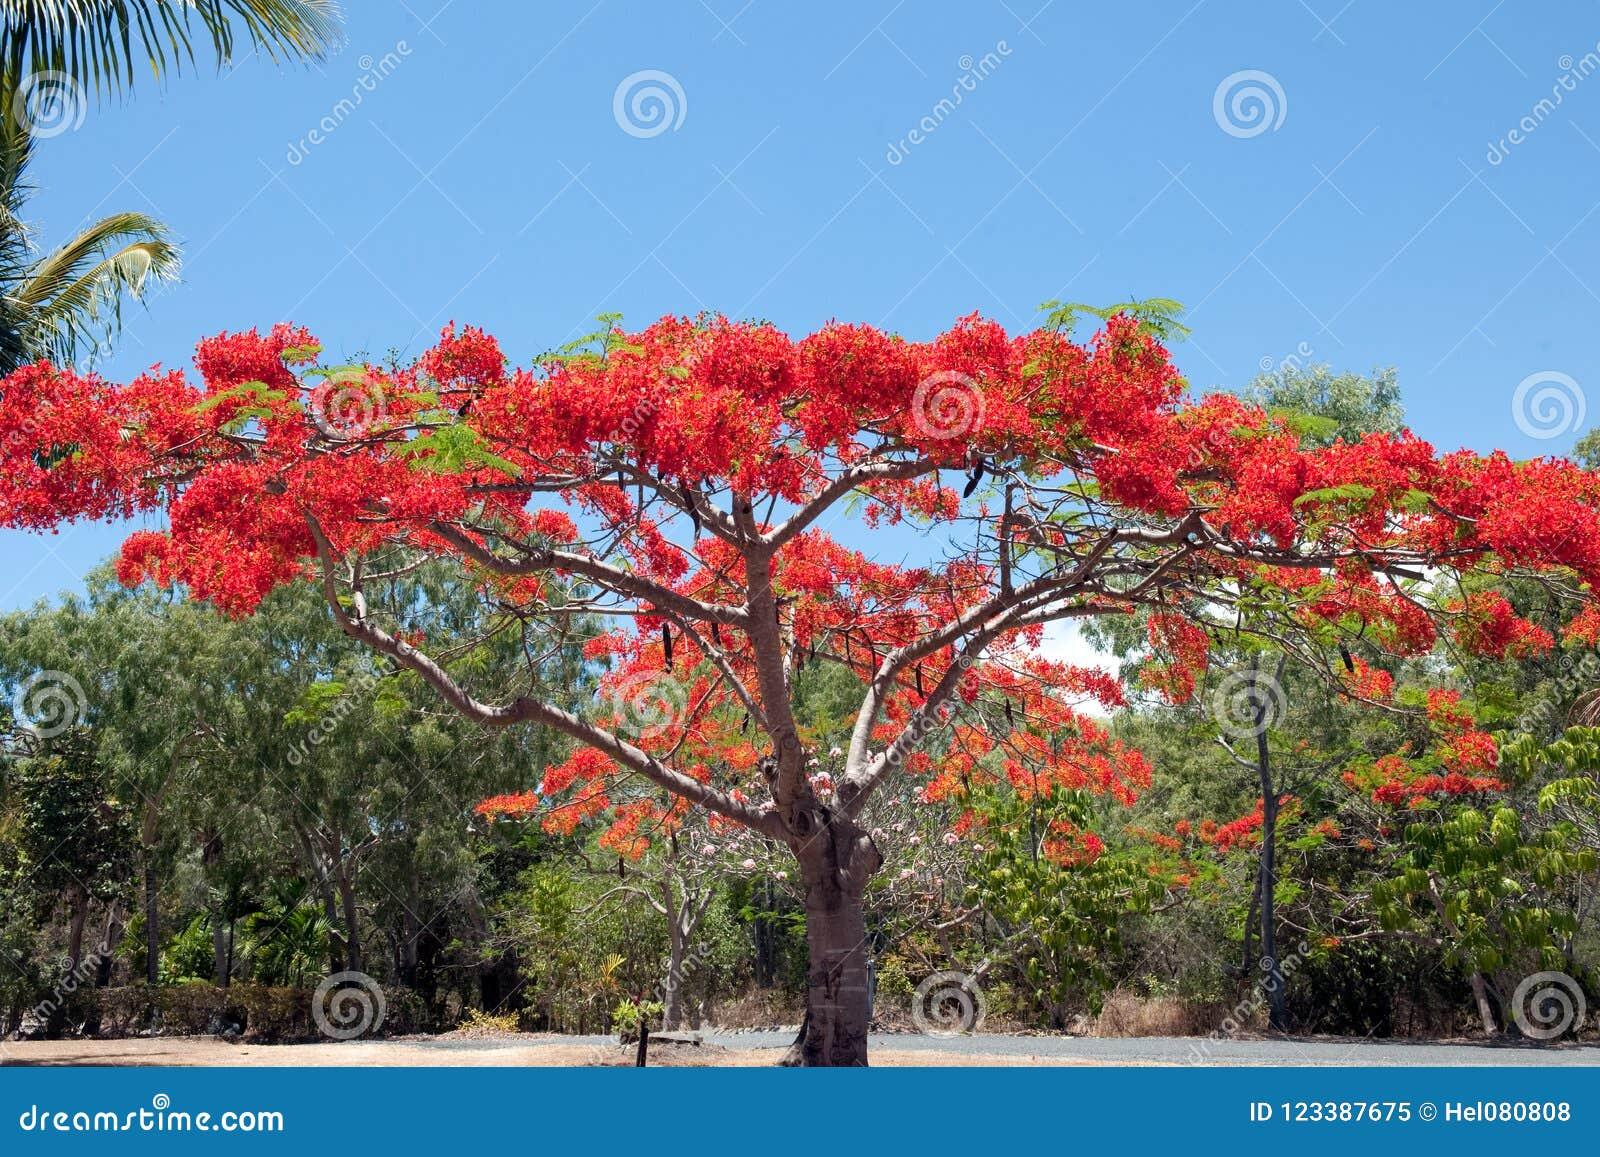 Árbol de llama en Australia